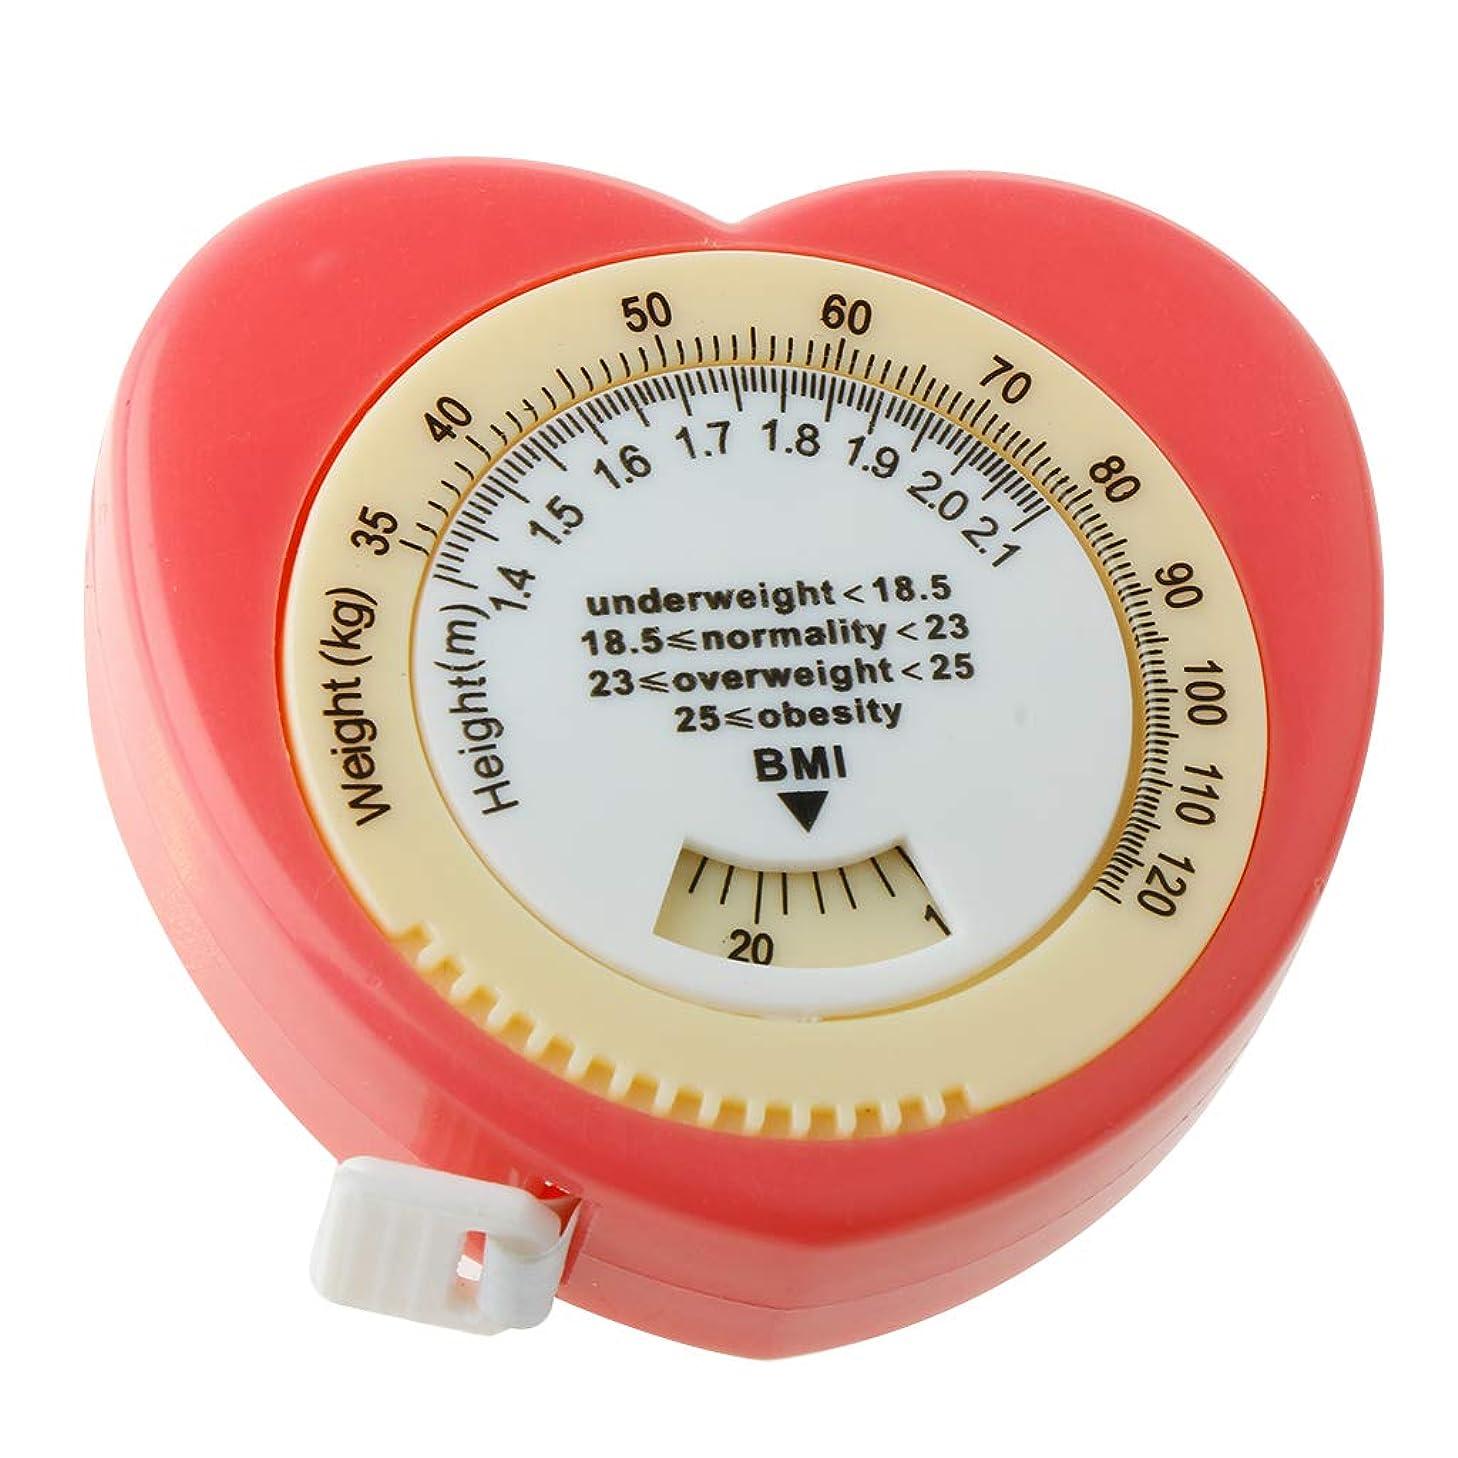 カーフはずサイズ1.5m ピンク 引き込み式 BMI 巻尺 体定規 計算ダイヤル付き 健康管理 ダイエット 体重を監視 体の肥満を評価